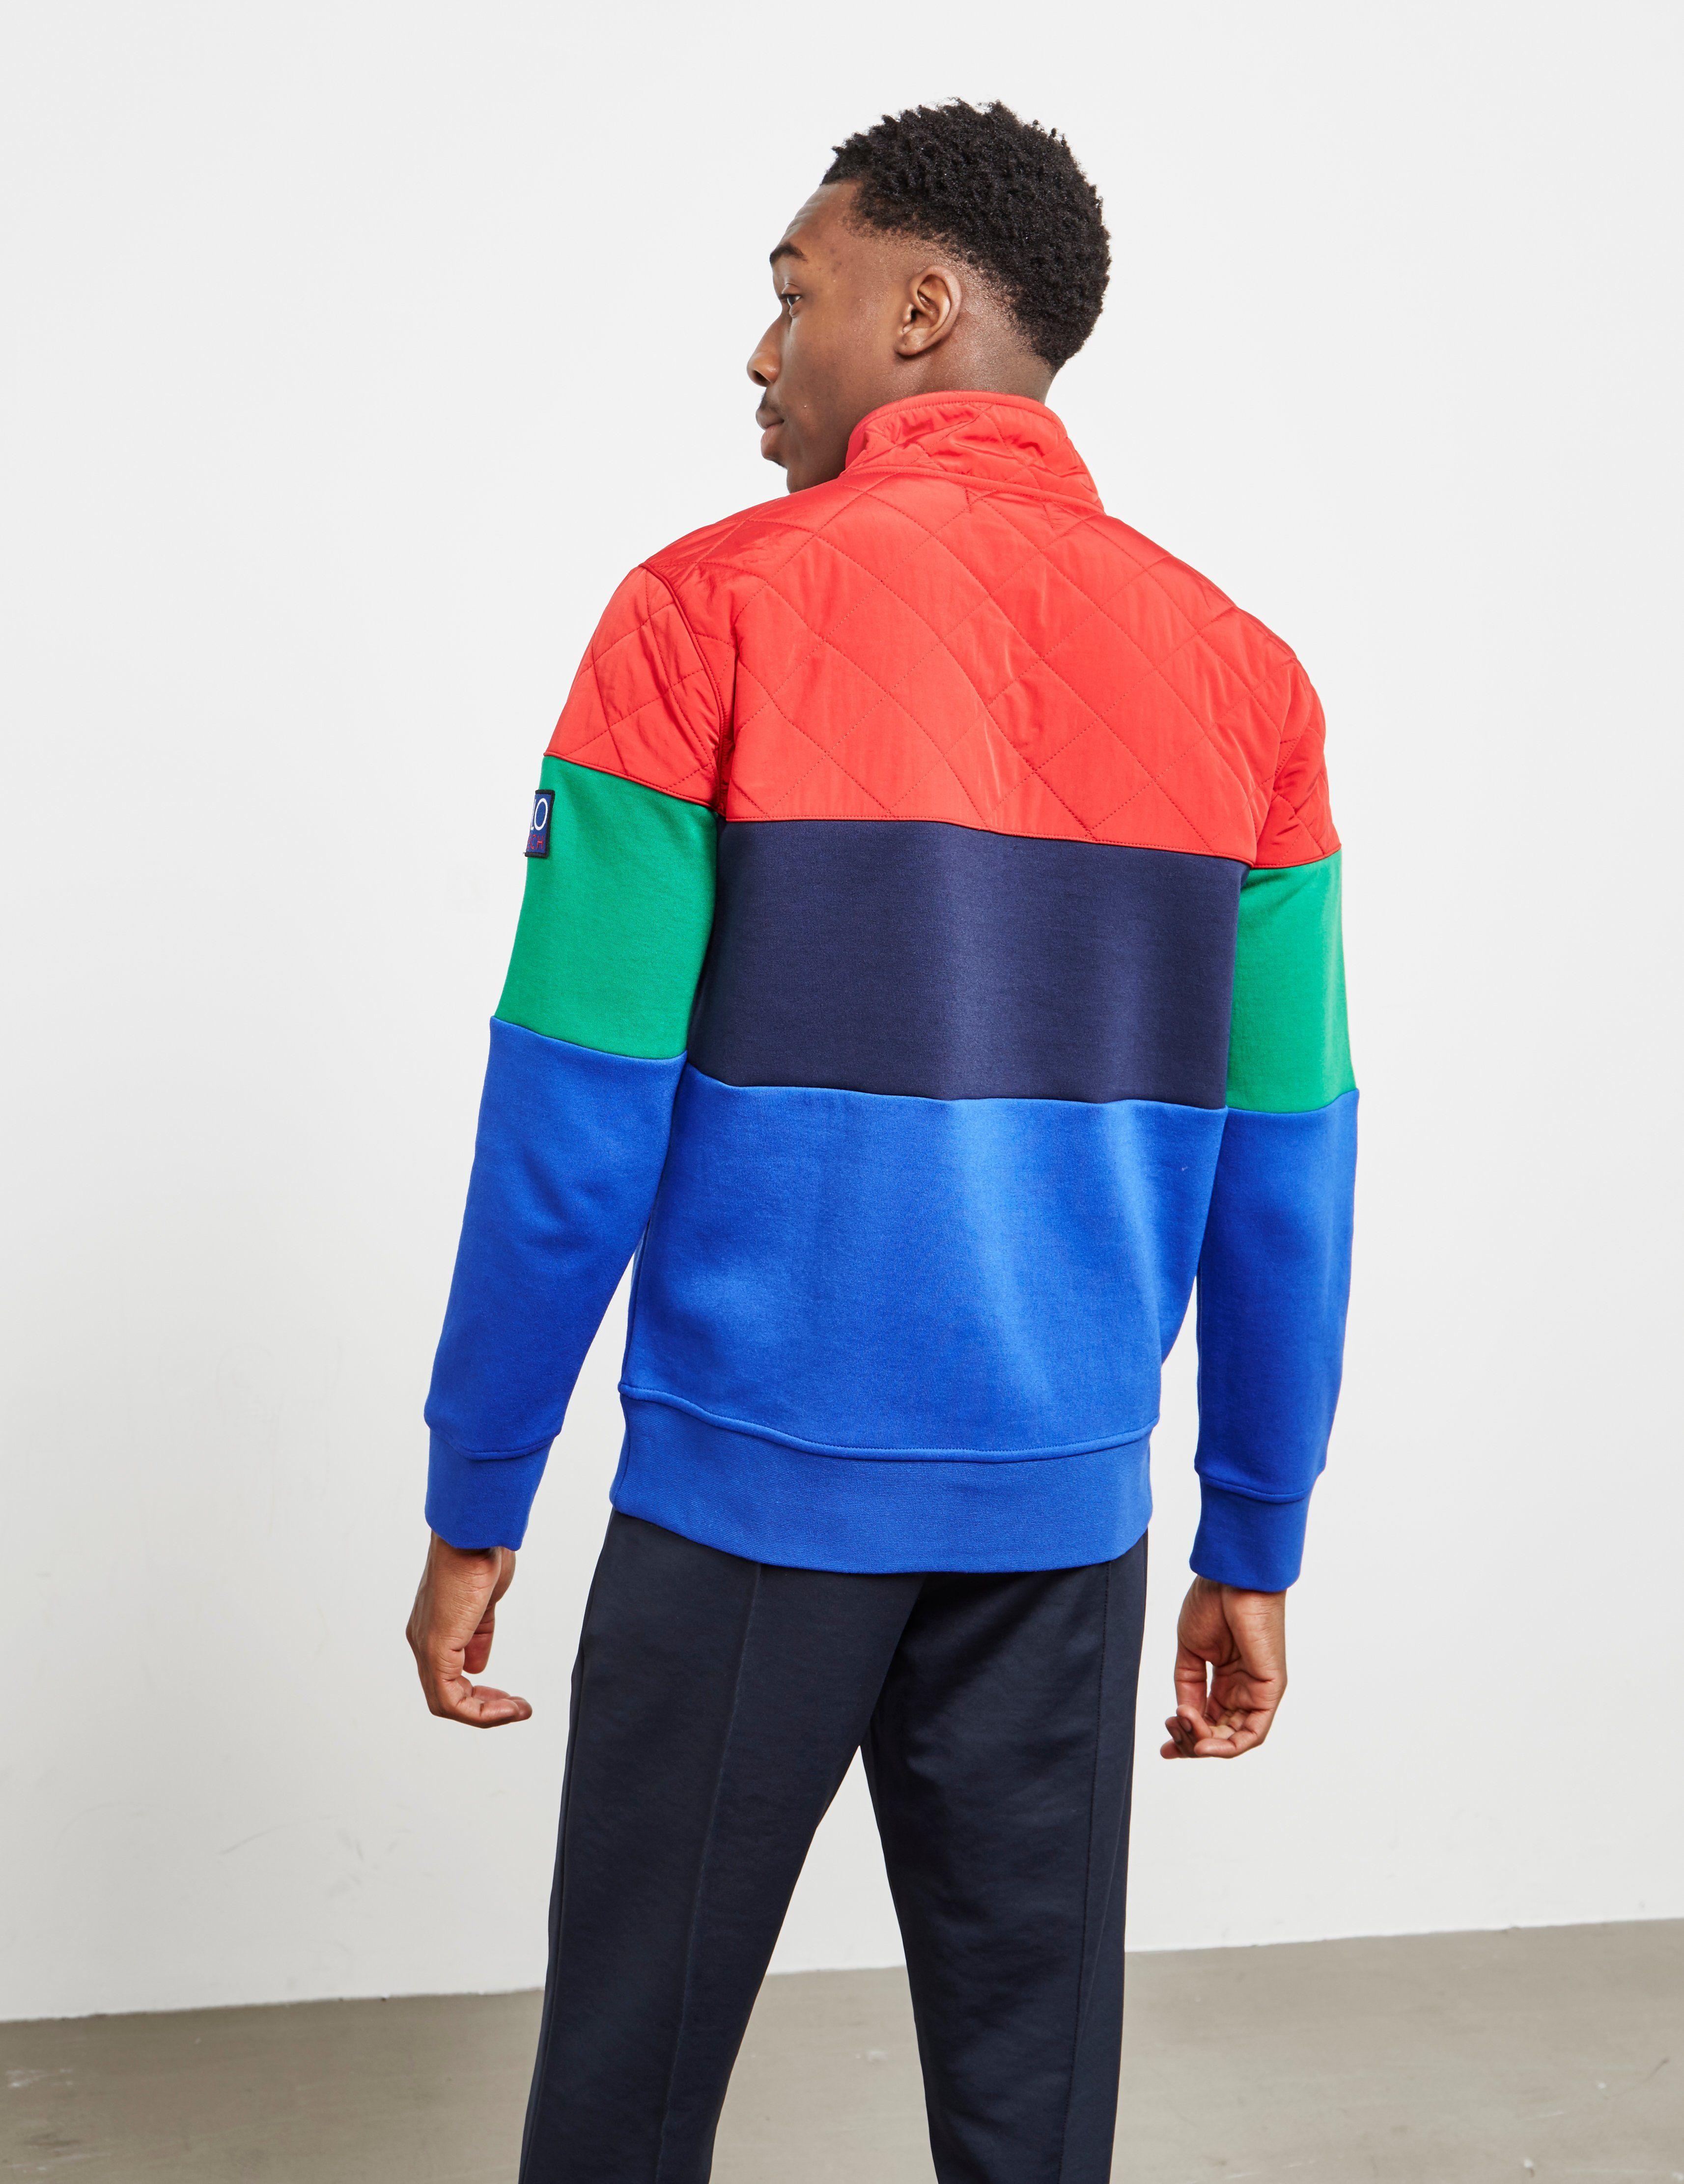 Polo Ralph Lauren Hi Tech Half Zip Sweatshirt - Online Exclusive